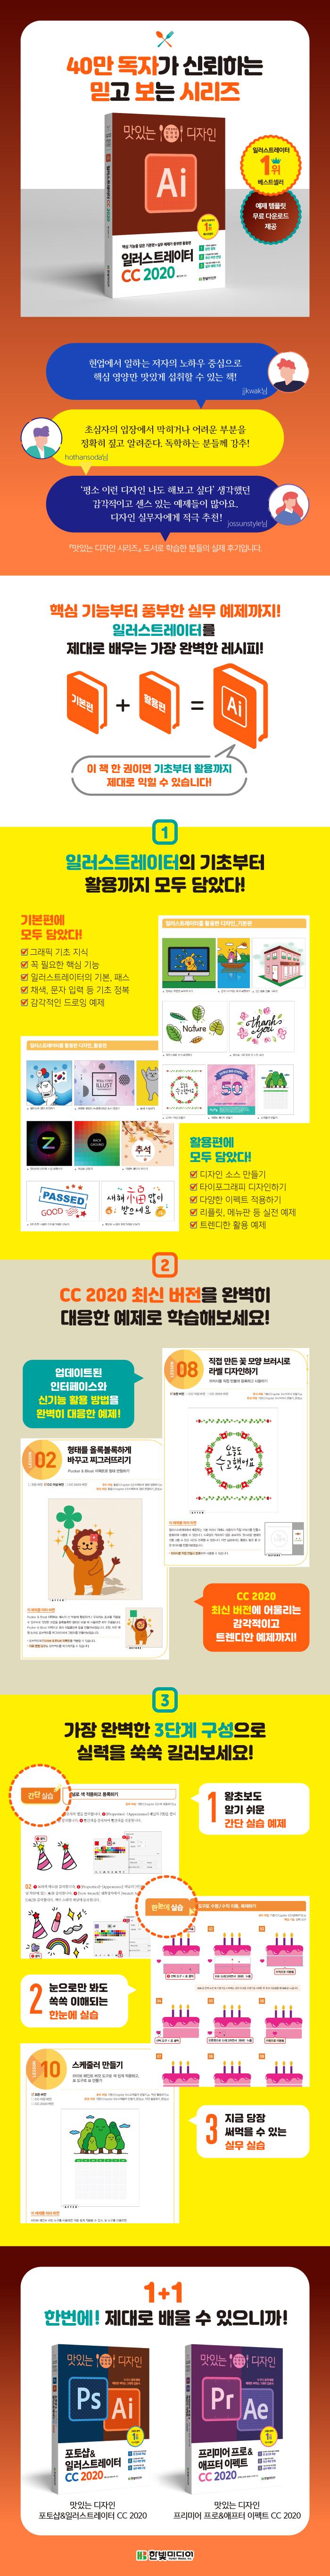 맛디-일러-CC-2020_상세페이지(700).jpg